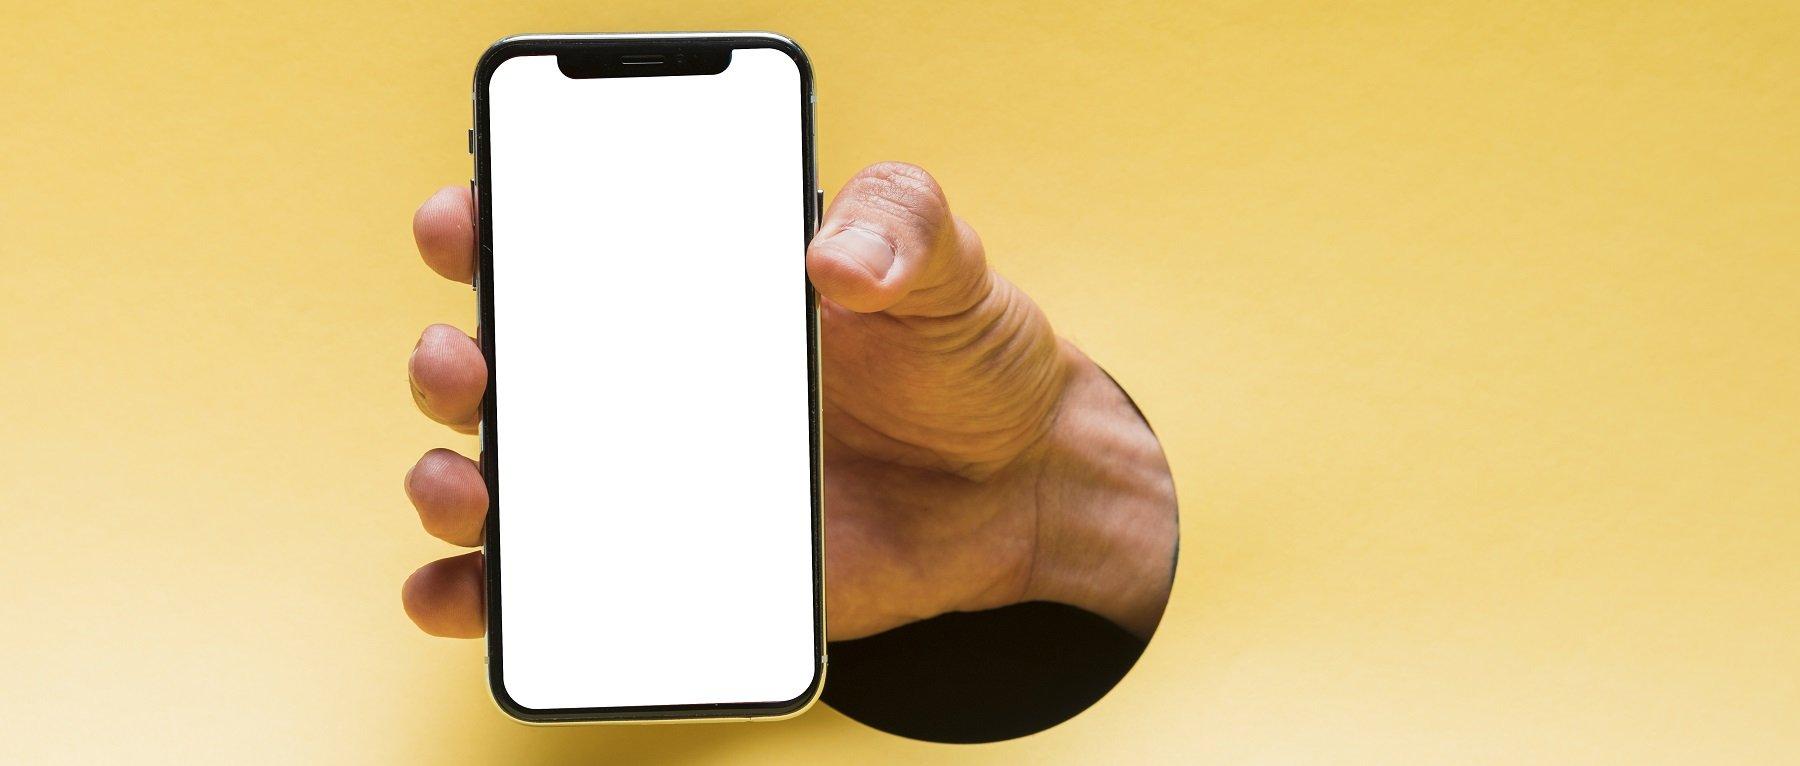 Câncer de pele: câmera de celular pode identificar 99% dos casos